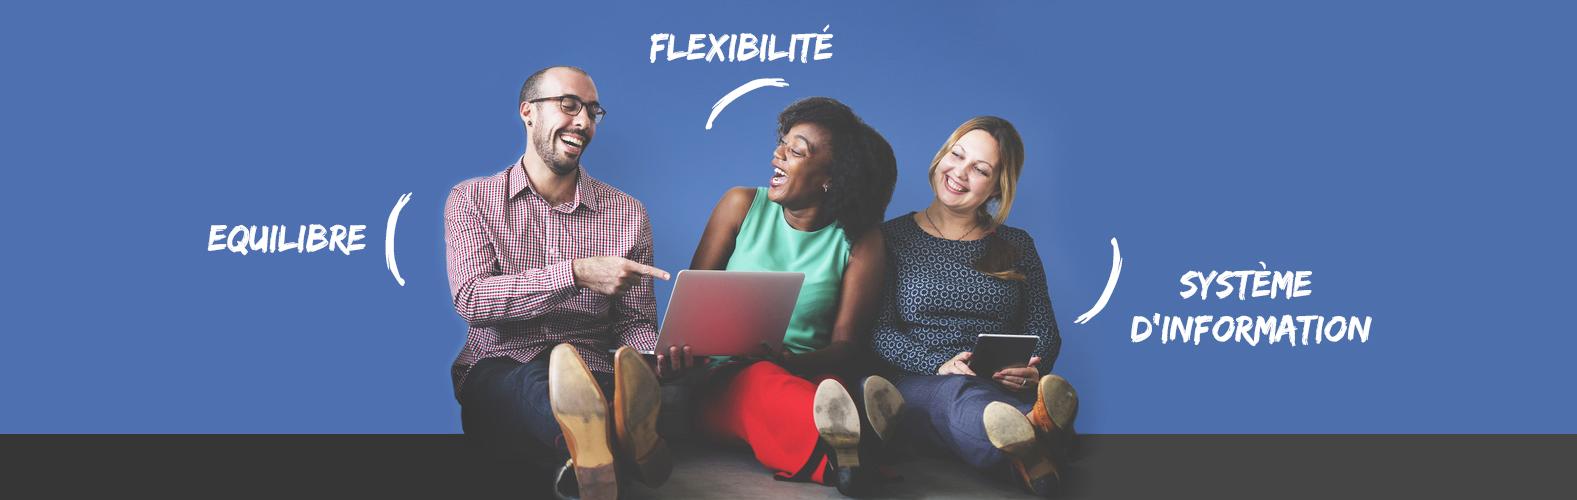 Les 3 meilleurs amis de votre chaîne logistique : équilibre, flexibilité et SI en béton